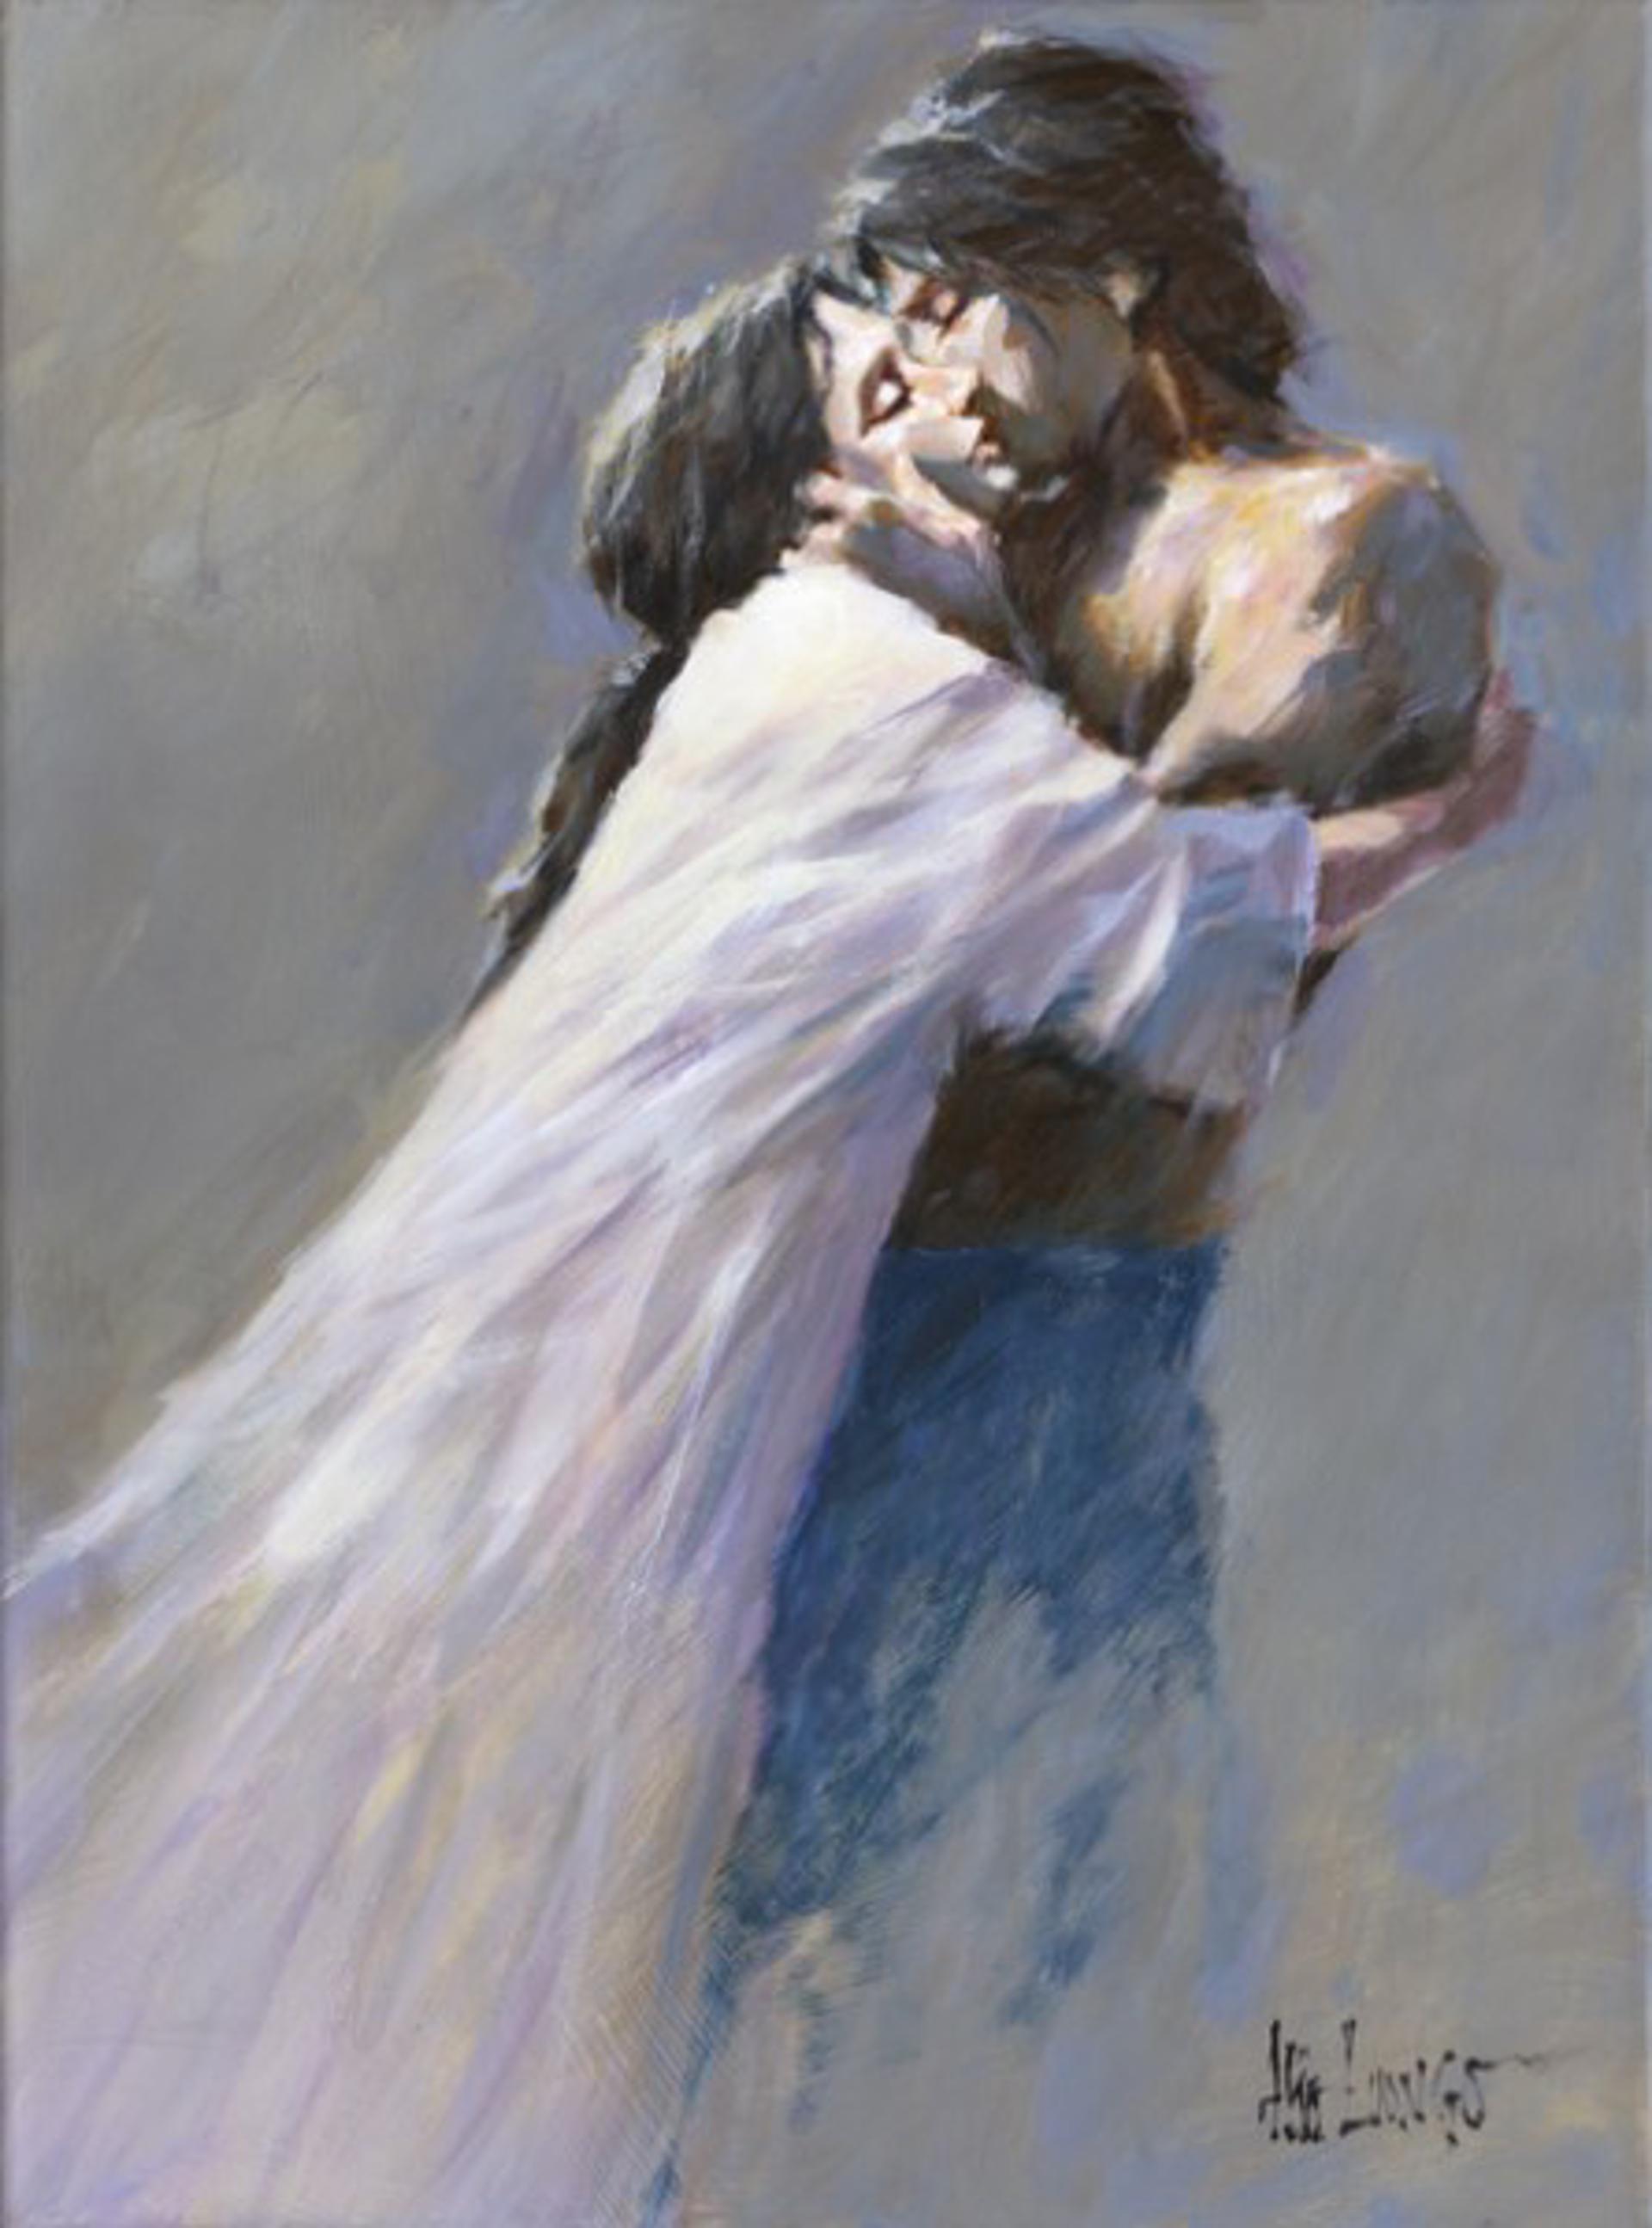 My Soft Dream by Aldo Luongo